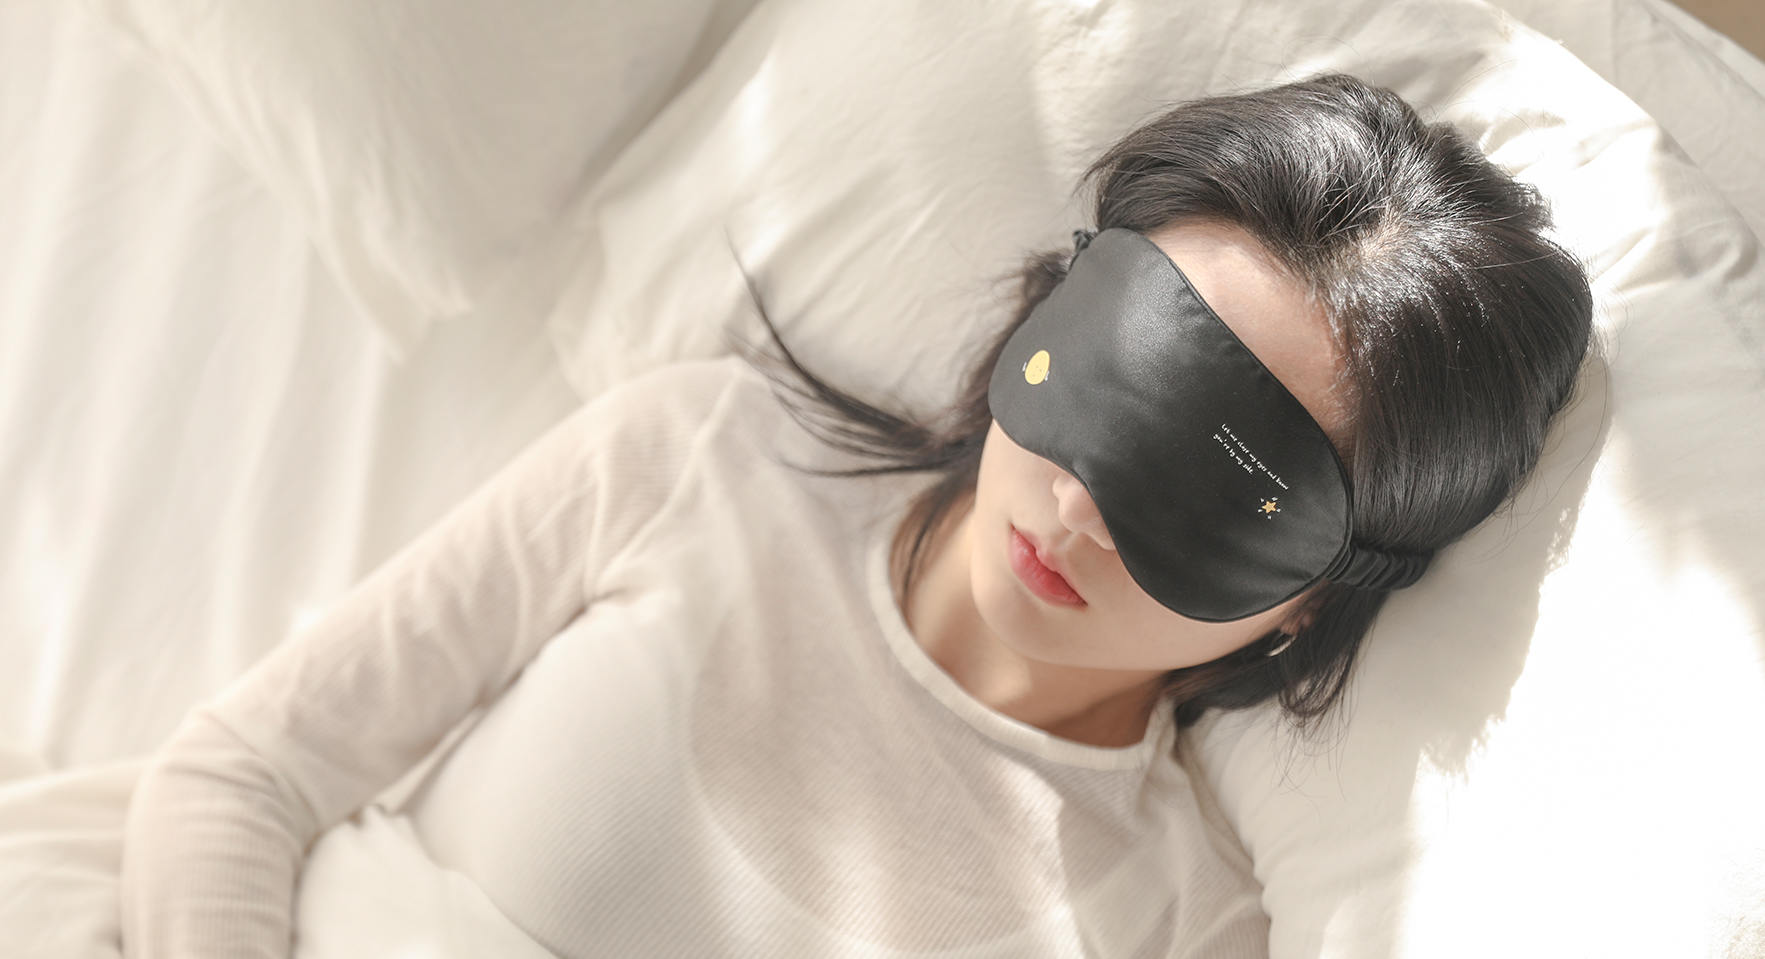 001Y-Eye mask images